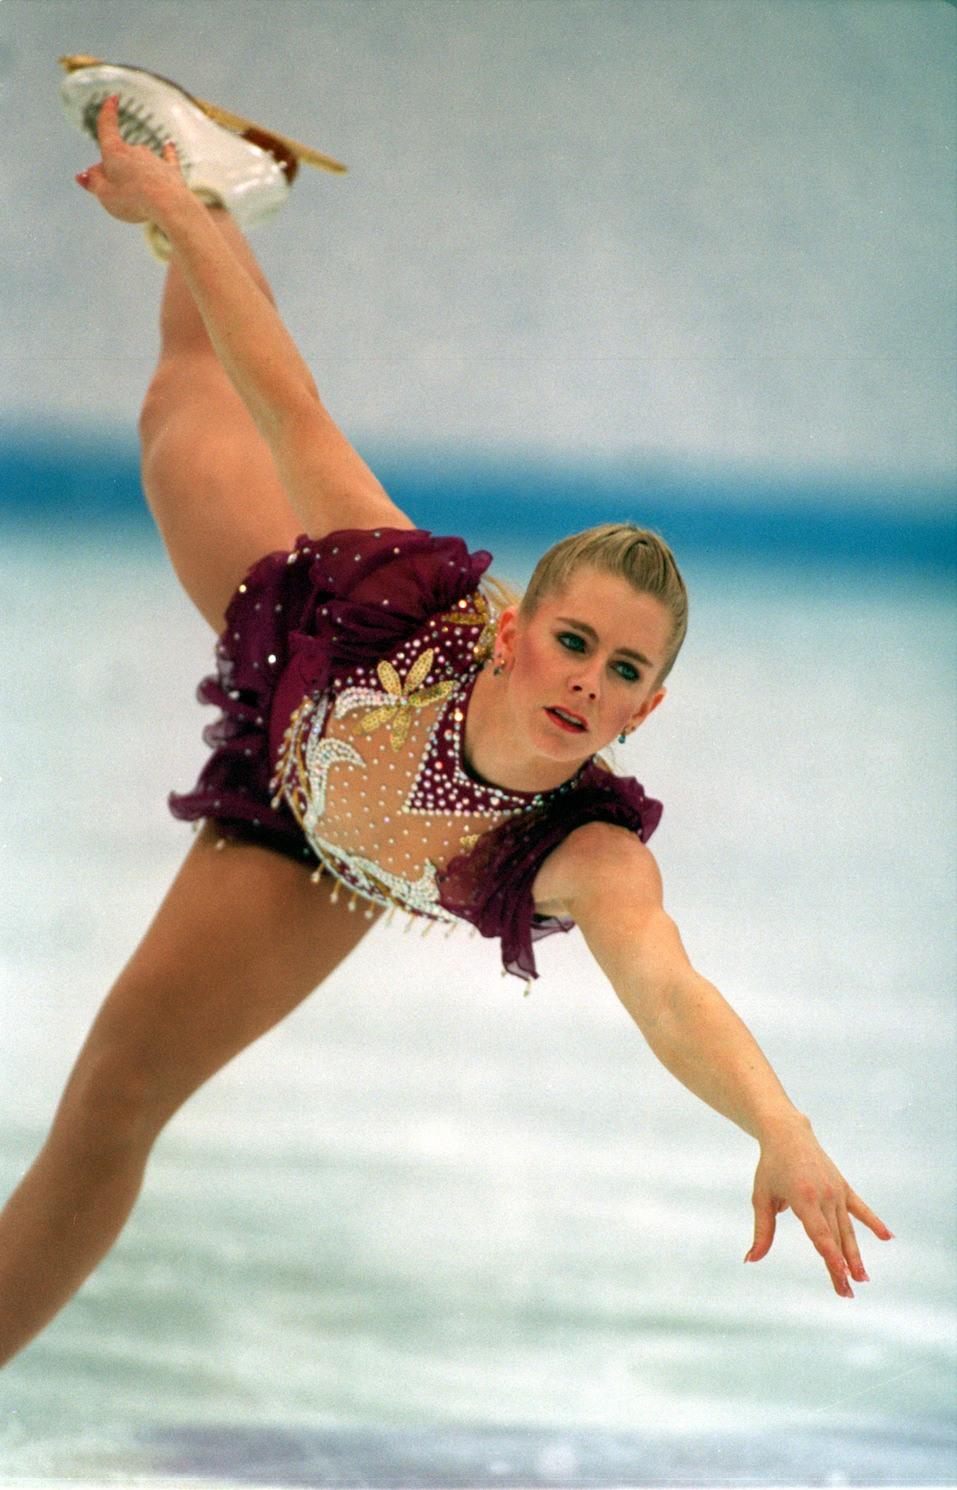 Tonya Harding skating